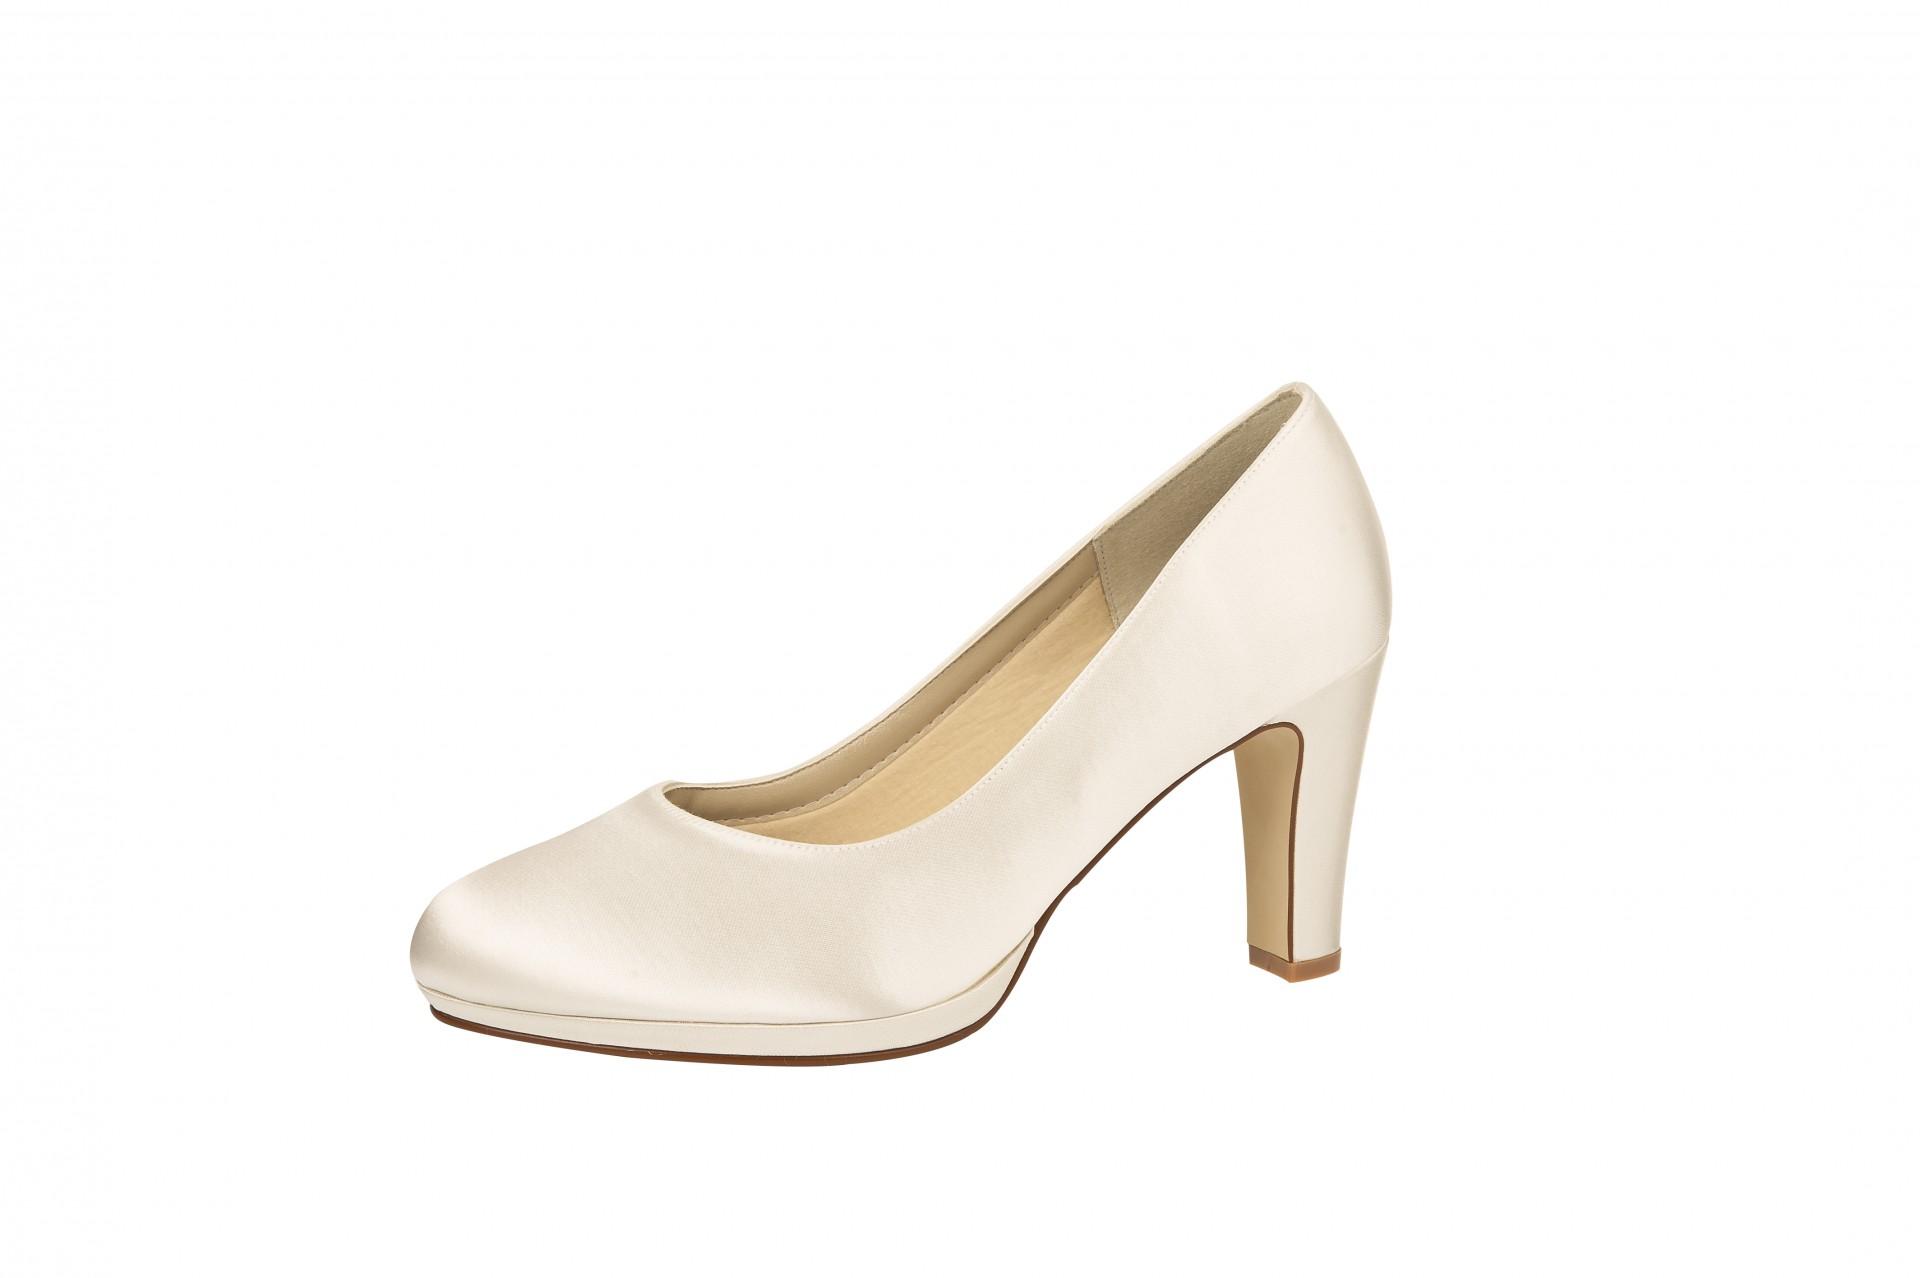 Elsa Coloured Shoes: Grace